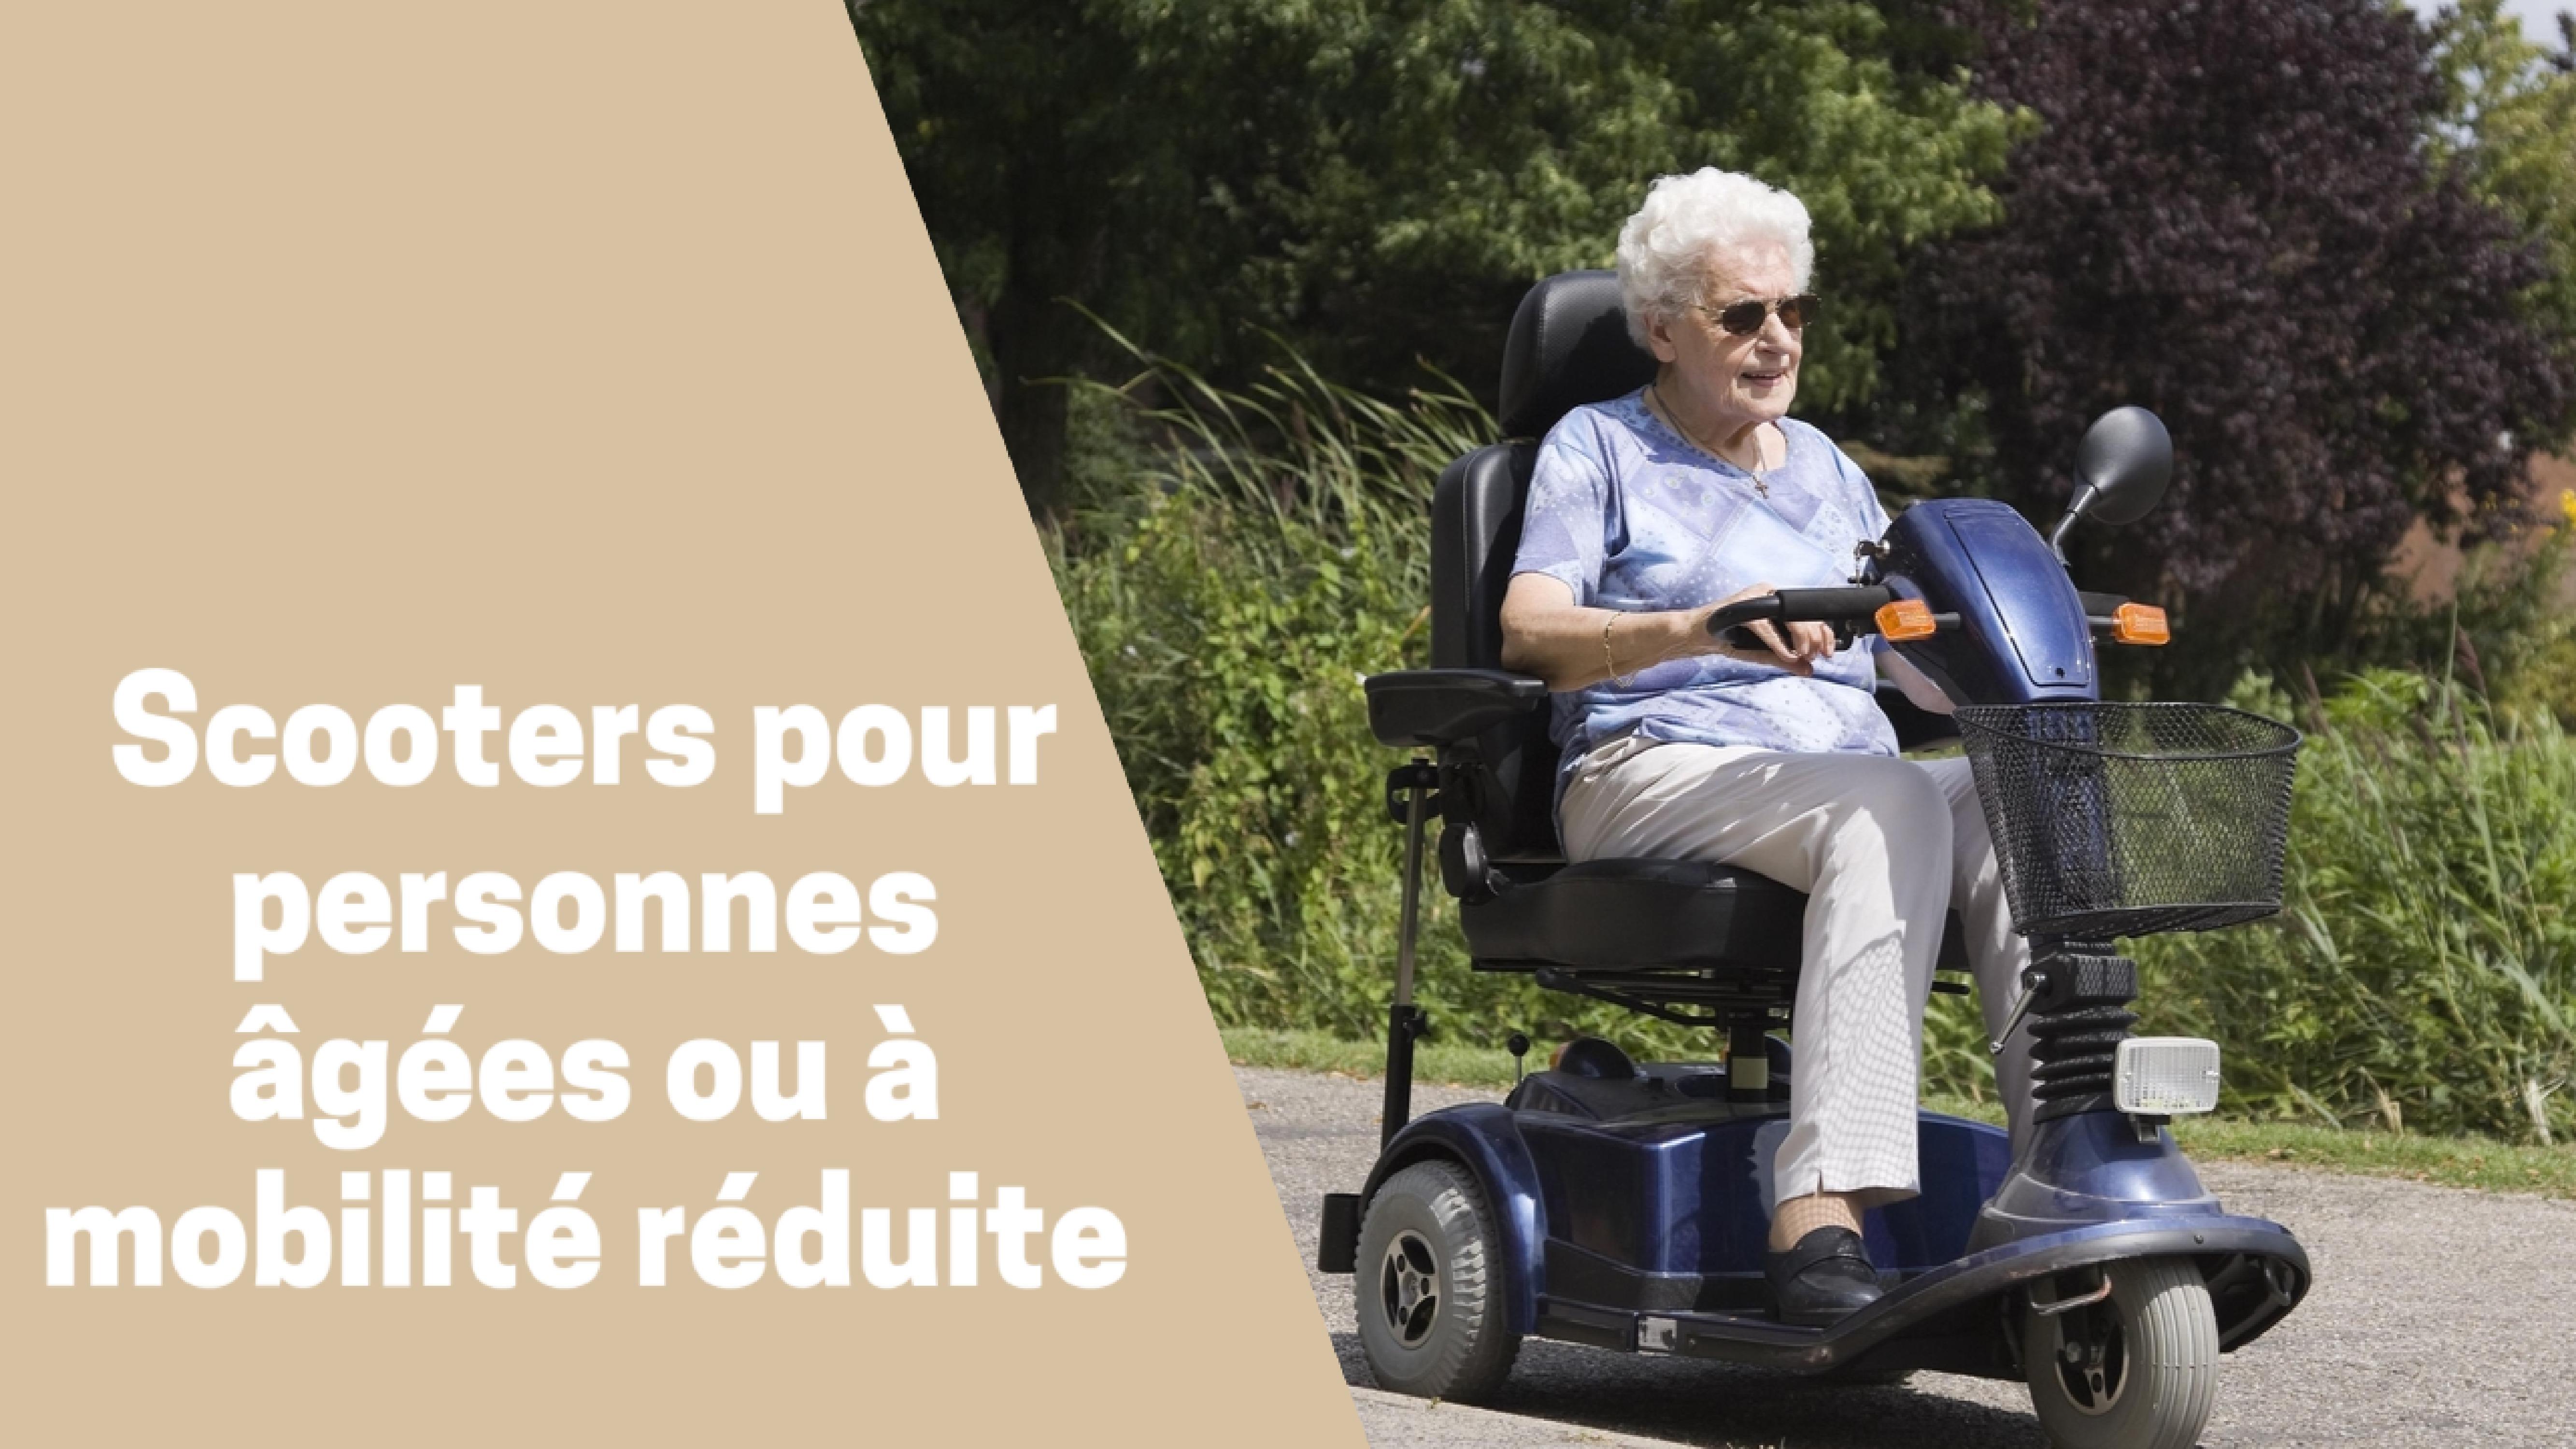 Photo de Meilleurs scooters du moment pour personne âgée 2020